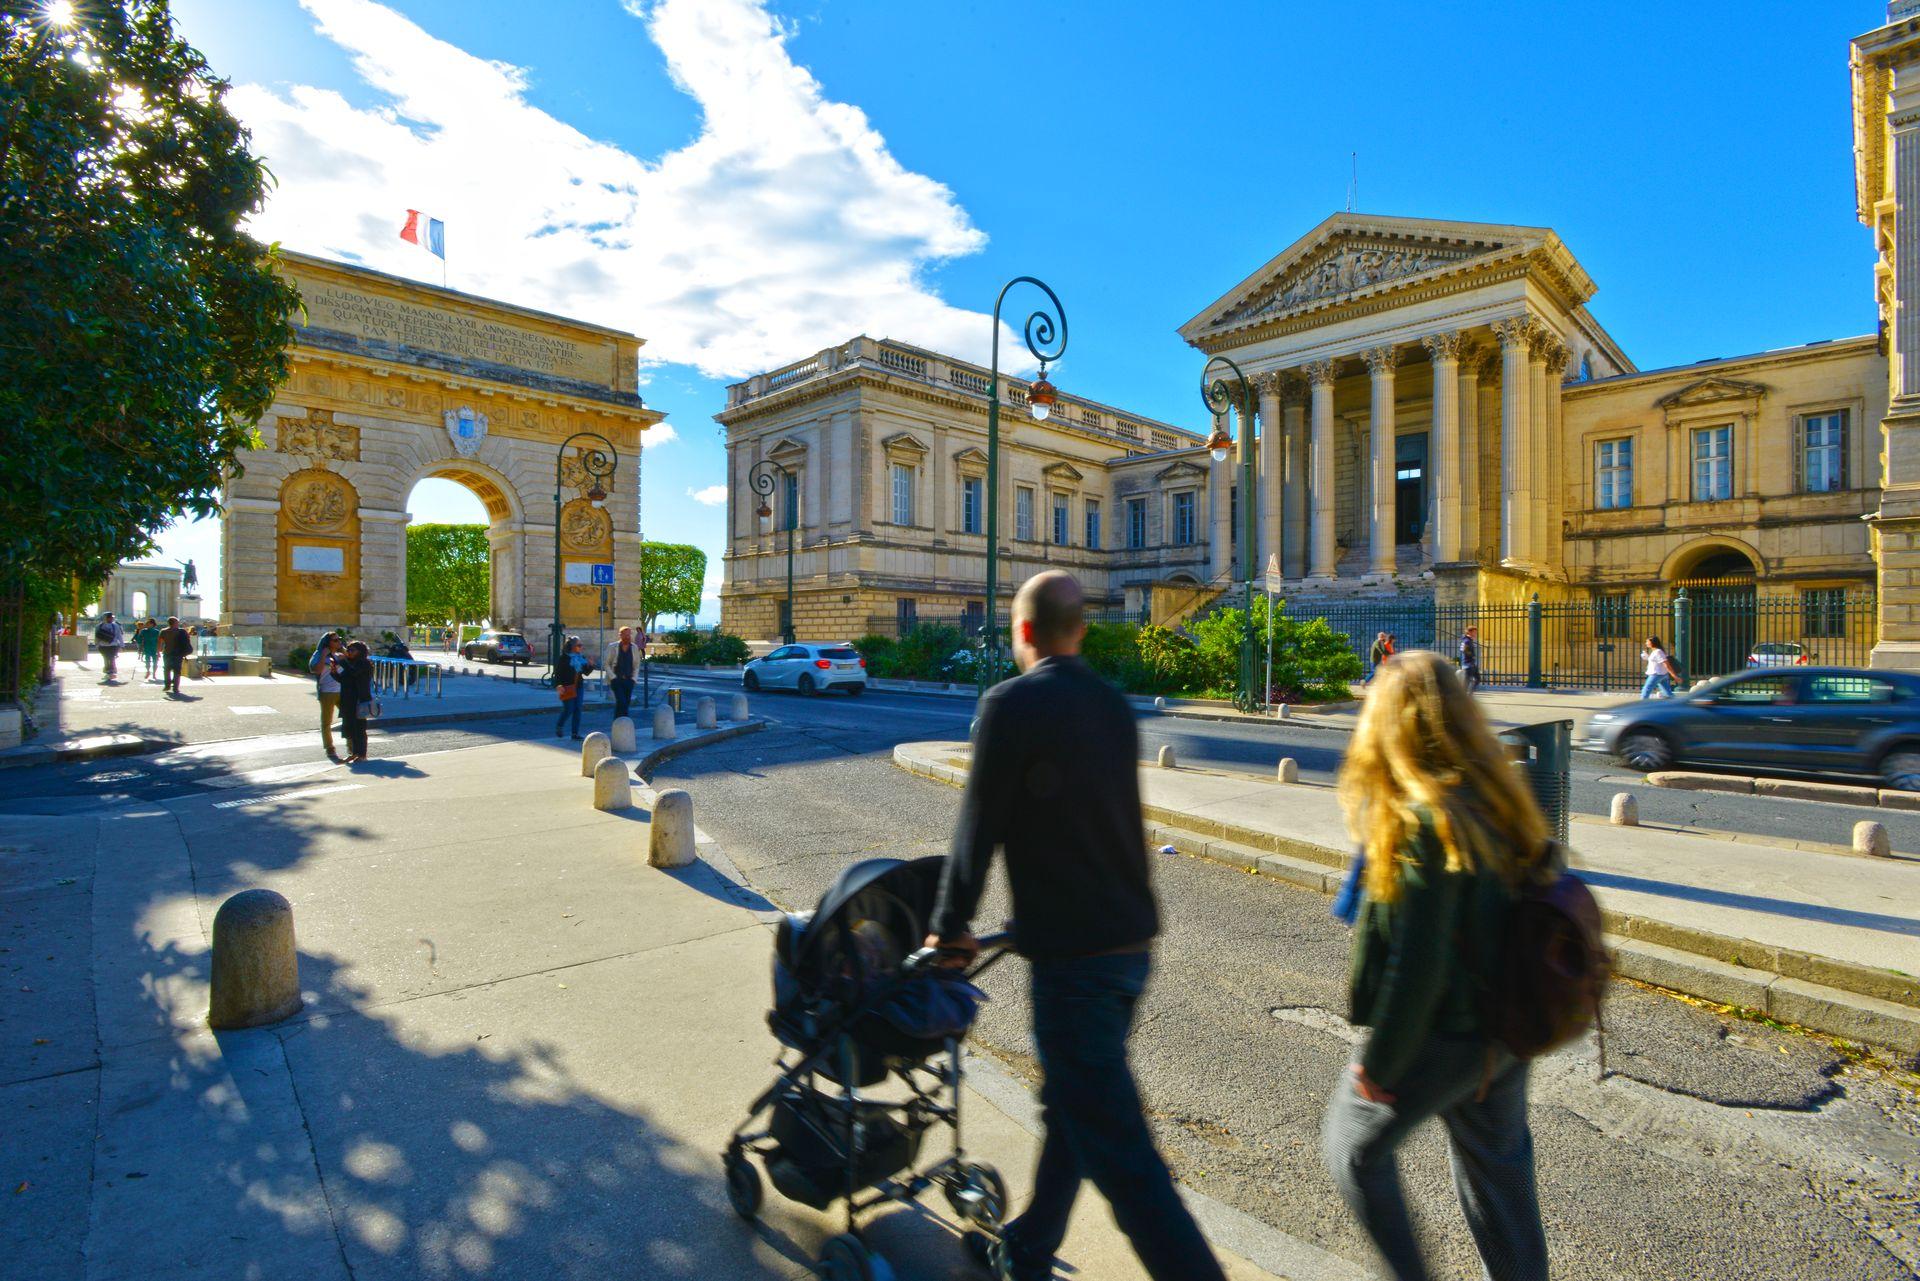 Balade sur l'Avenue Foch jusqu'à l'Esplanade du Peyrou à Montpellier